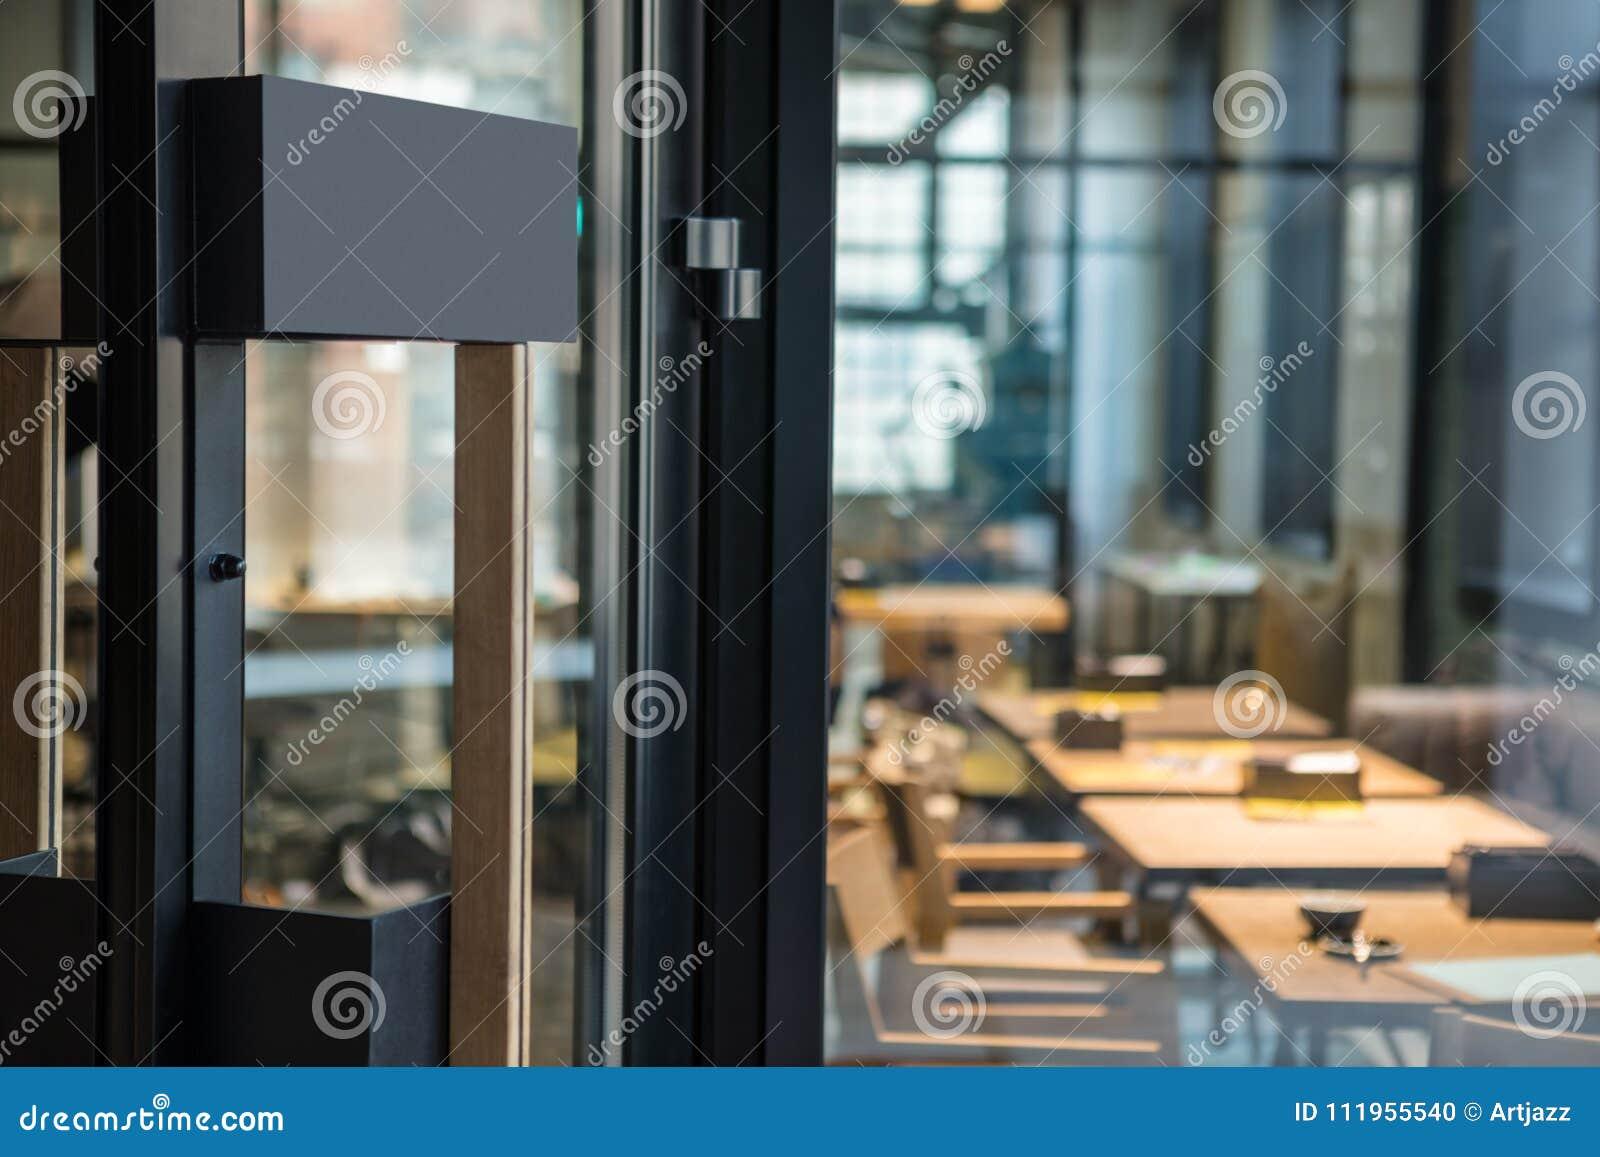 Restaurant Door Handle With Pull Sign On Glass Doors Stock Photo